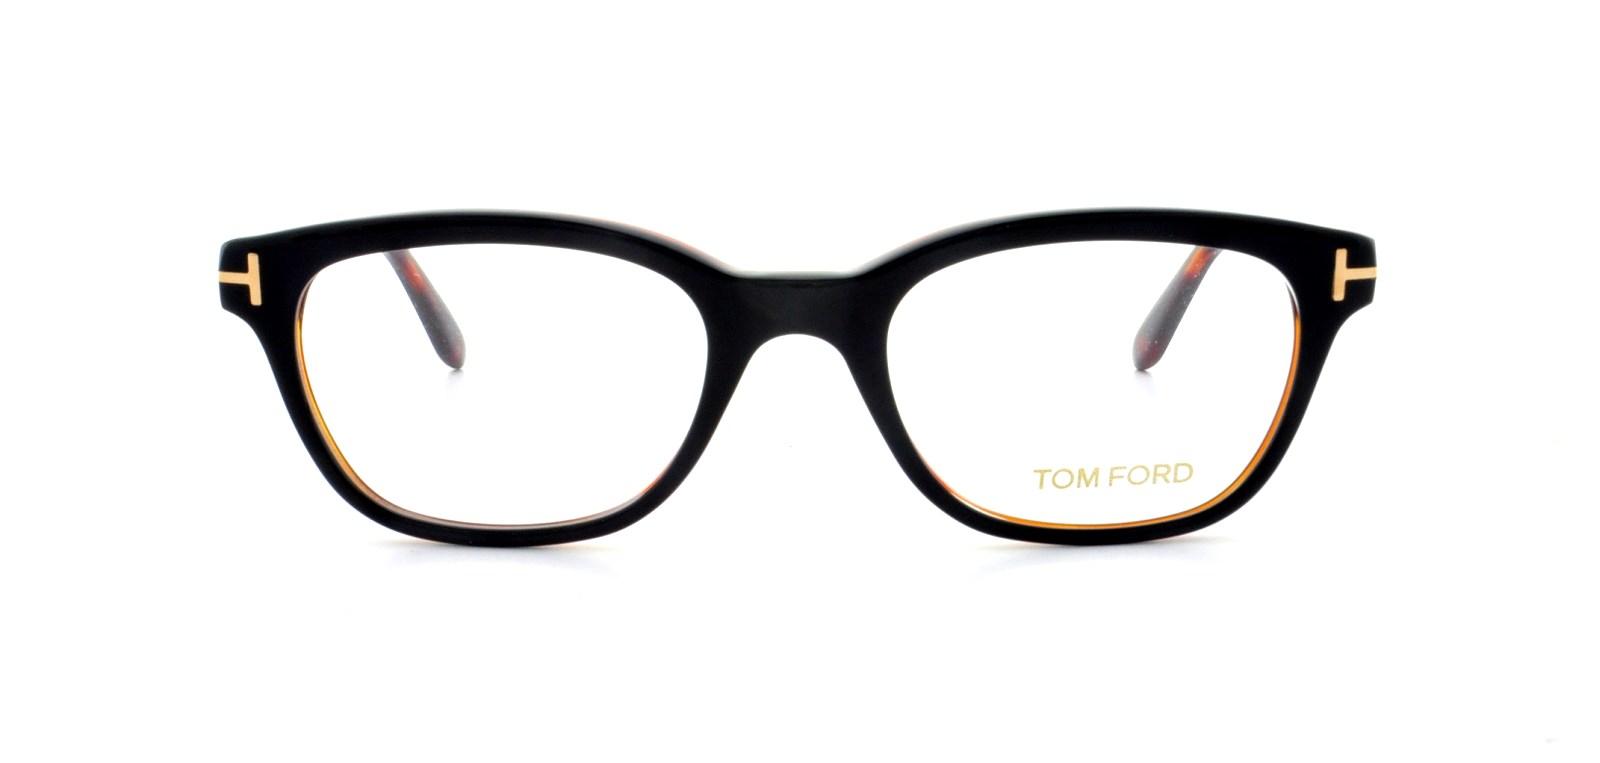 13afd8cf4f TOM FORD Eyeglasses FT5207 005 Black 49MM